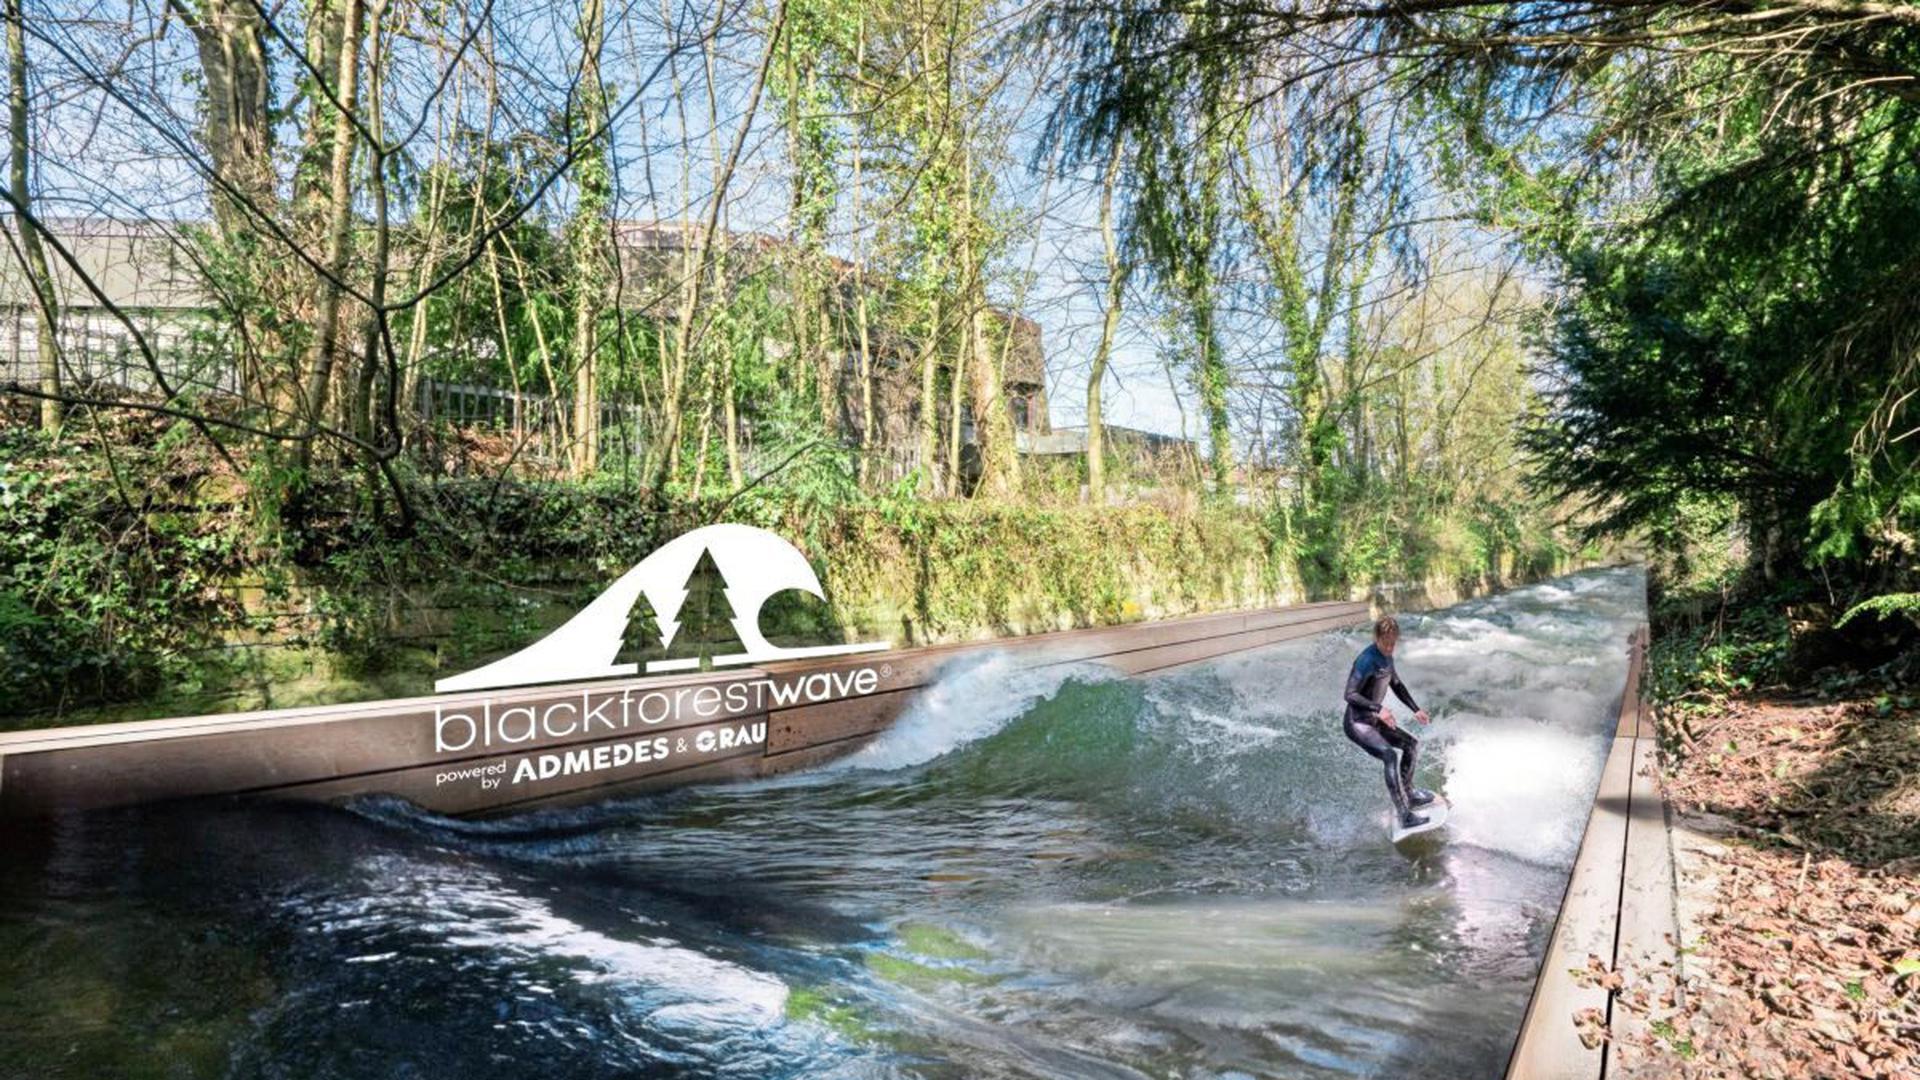 Wassersport auf der Nagold: Ab November soll mit der Blackforestwave im Pforzheimer Metzelgraben beim Kupferdächle gesurft werden können.